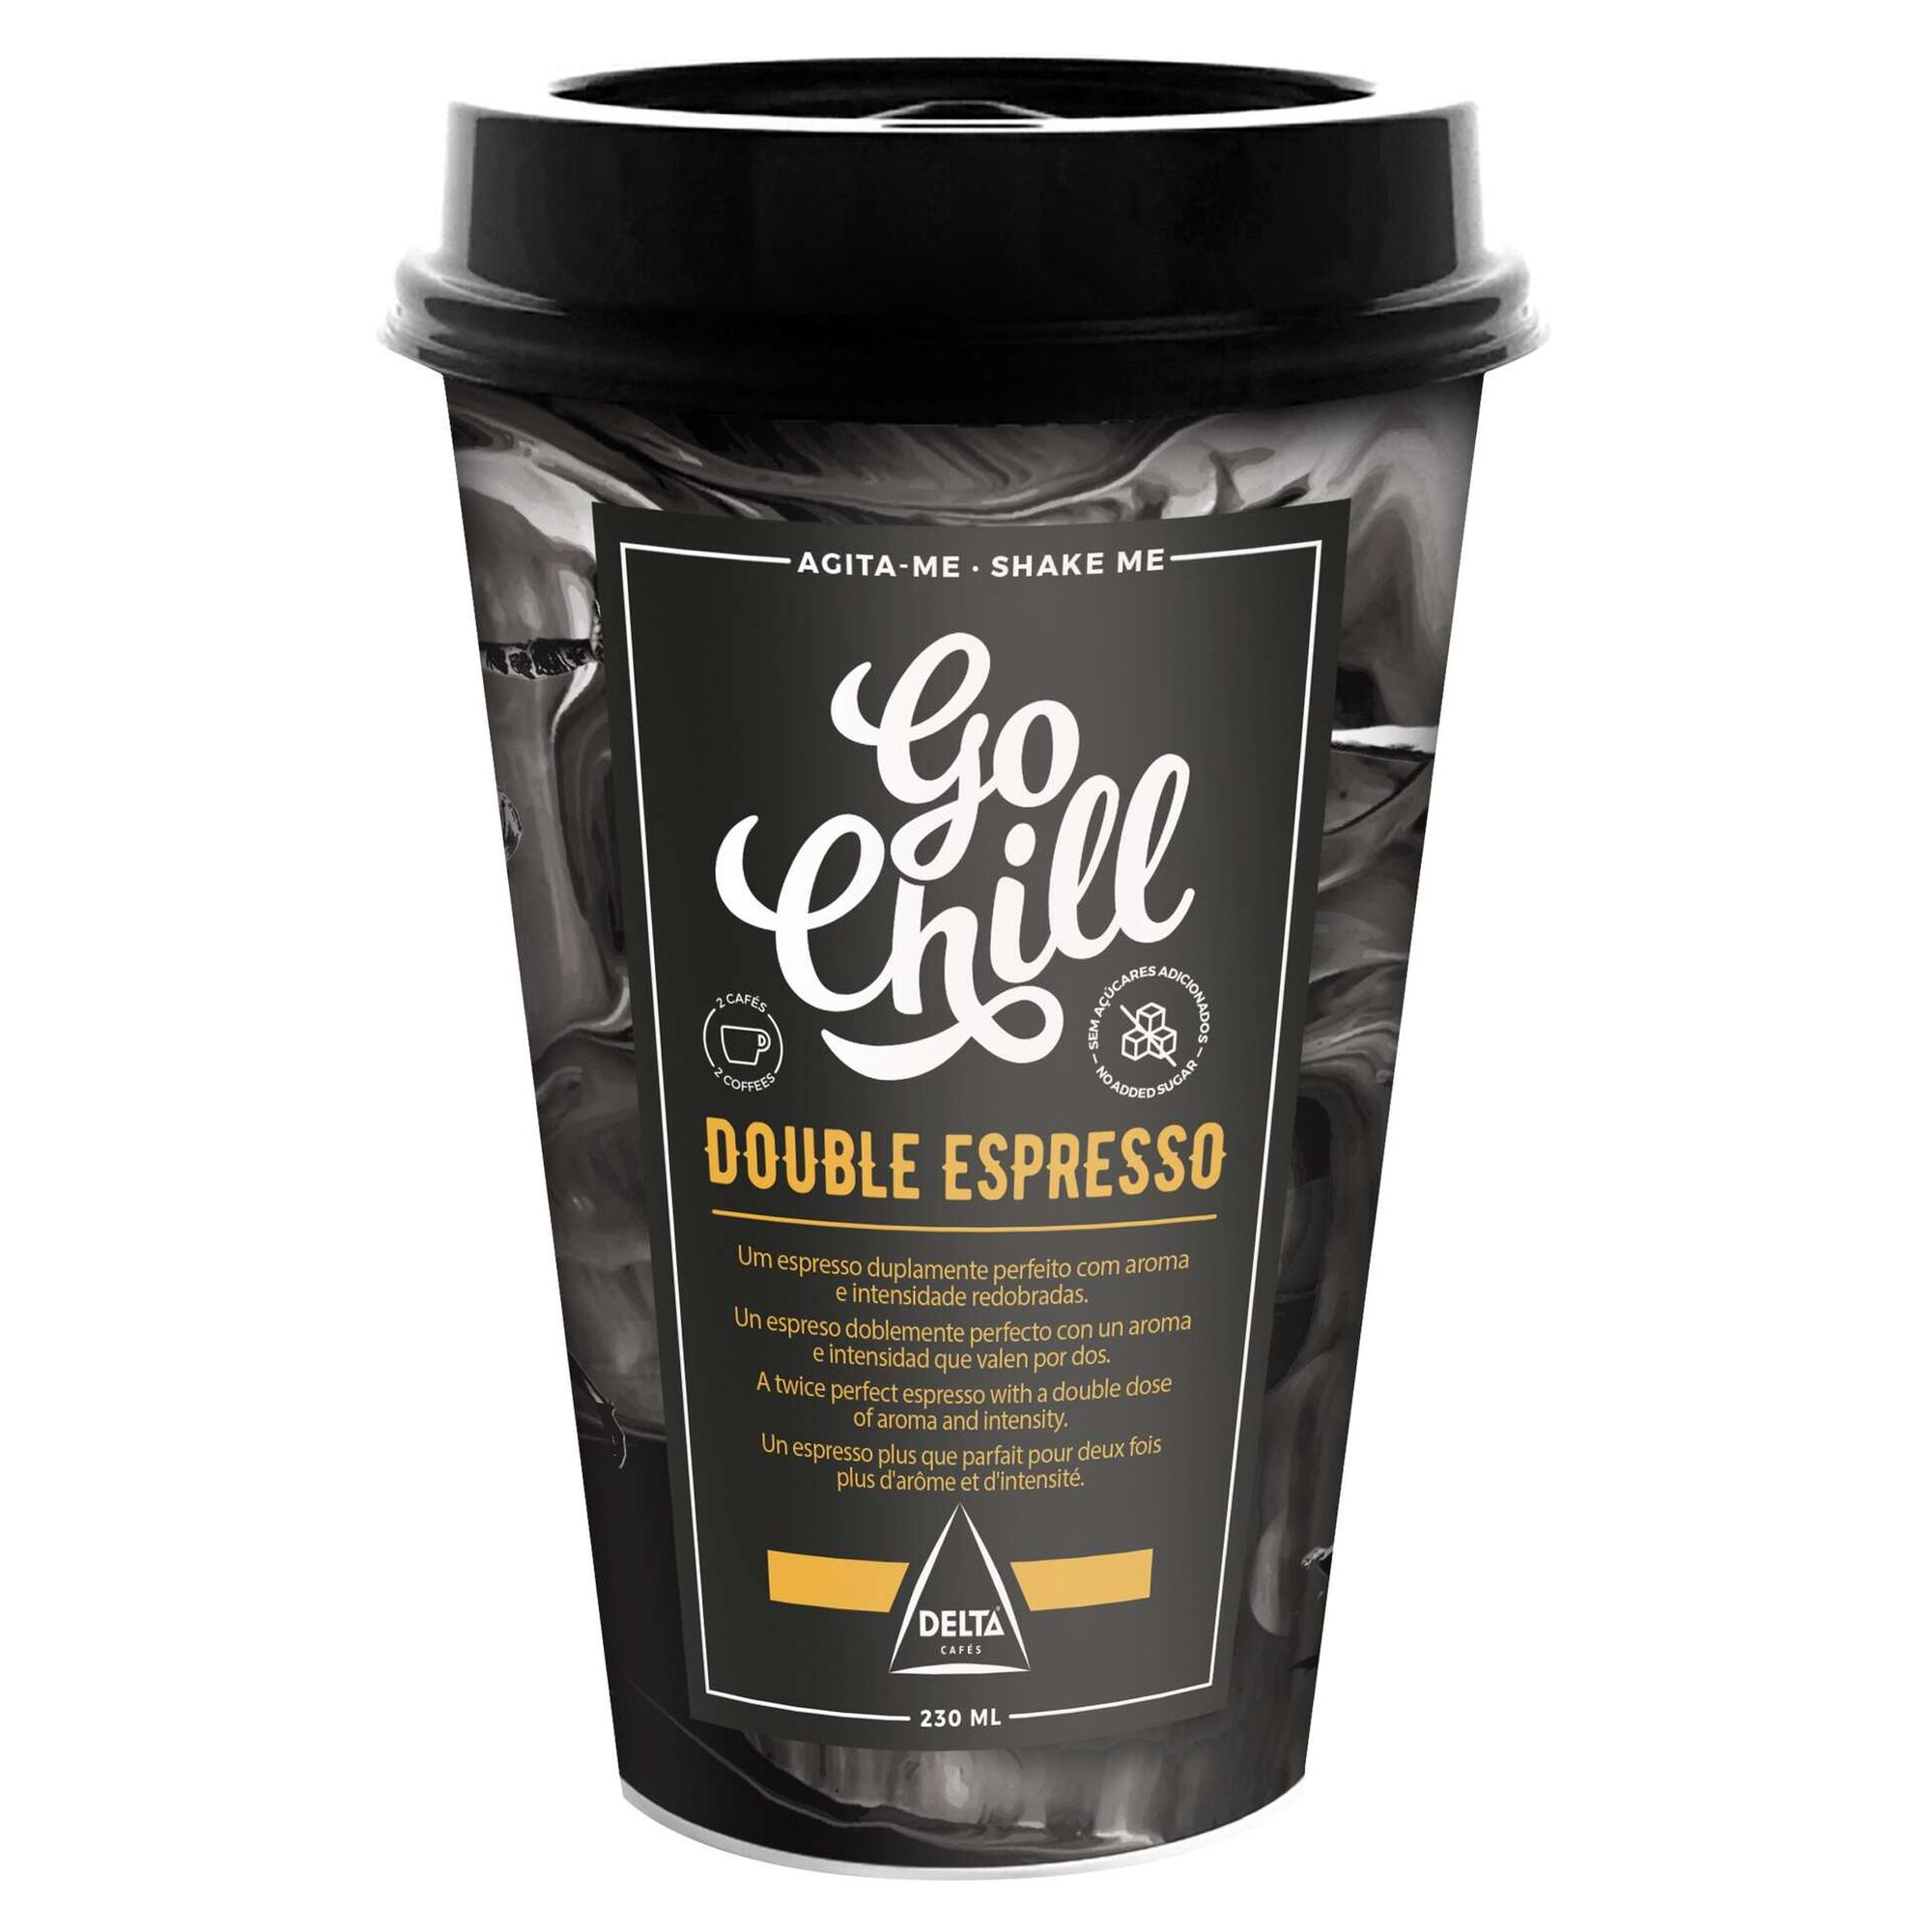 Double Espresso Go Chill